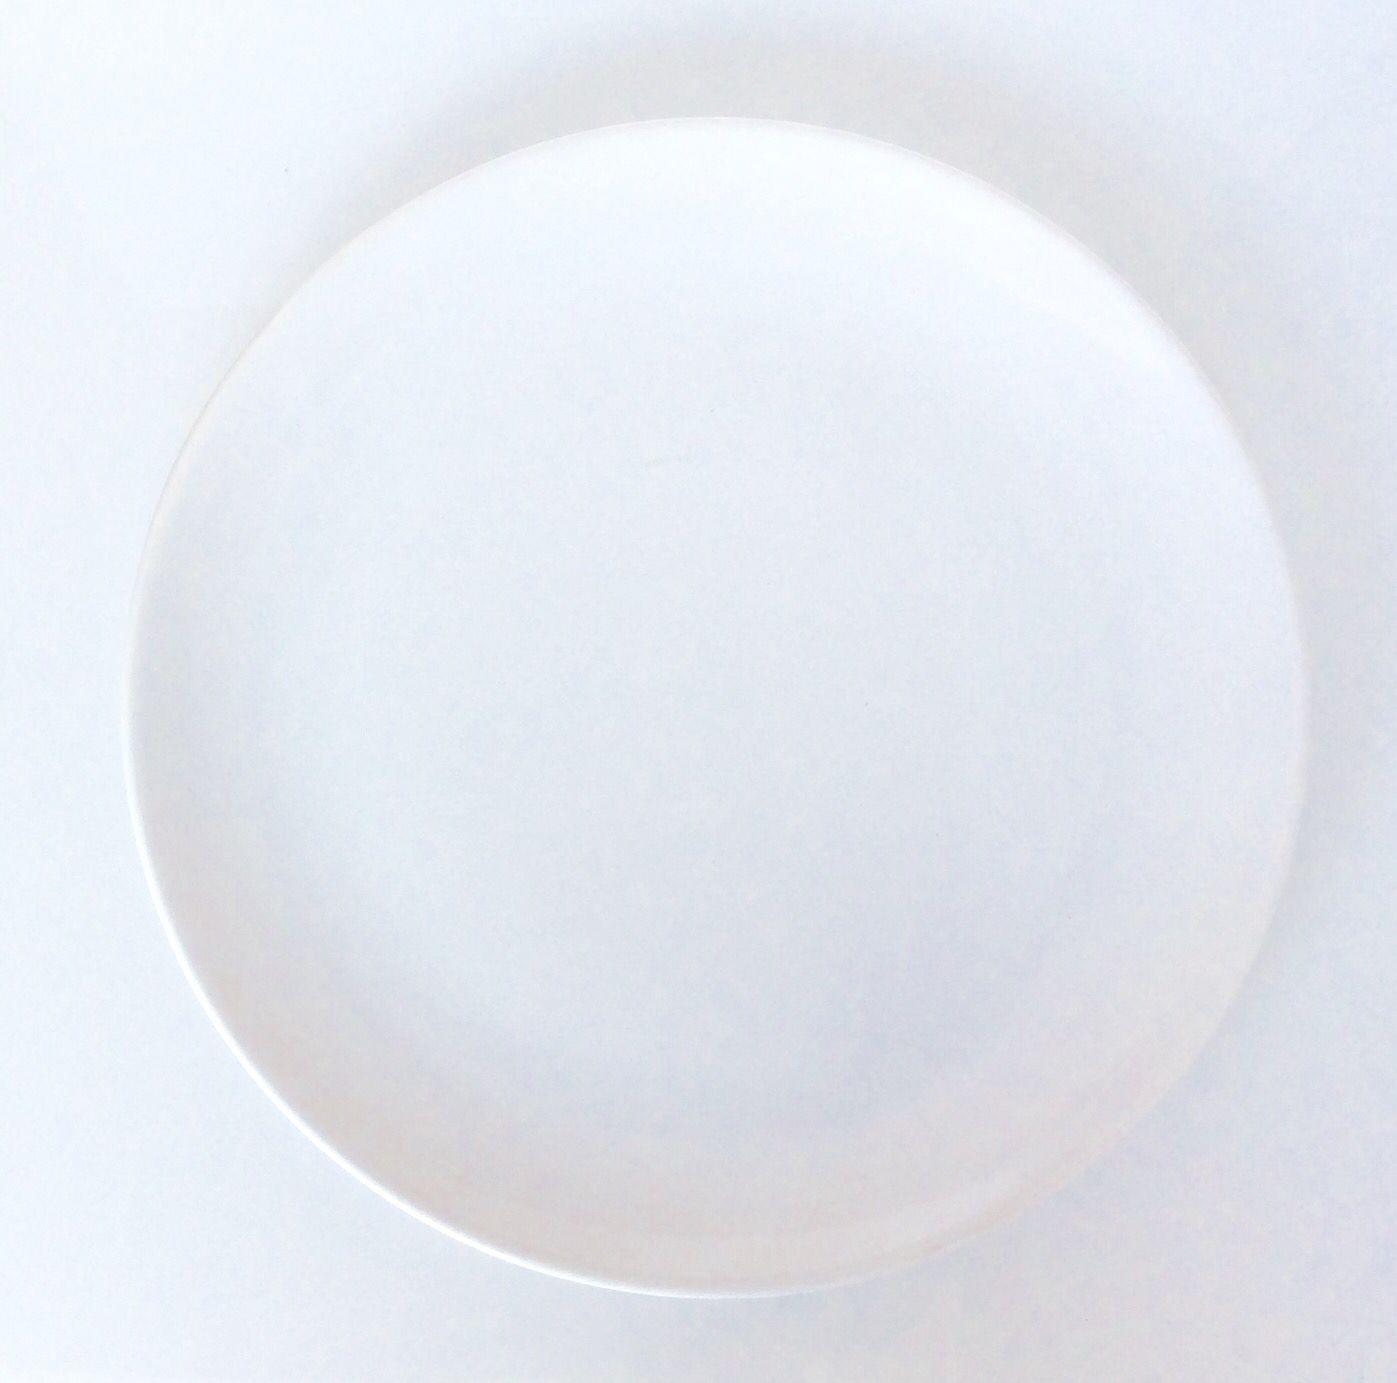 Piatto Ceramica Bianco.Piatto Pizza In Ceramica Bianca Disponibili 10 Pezzi